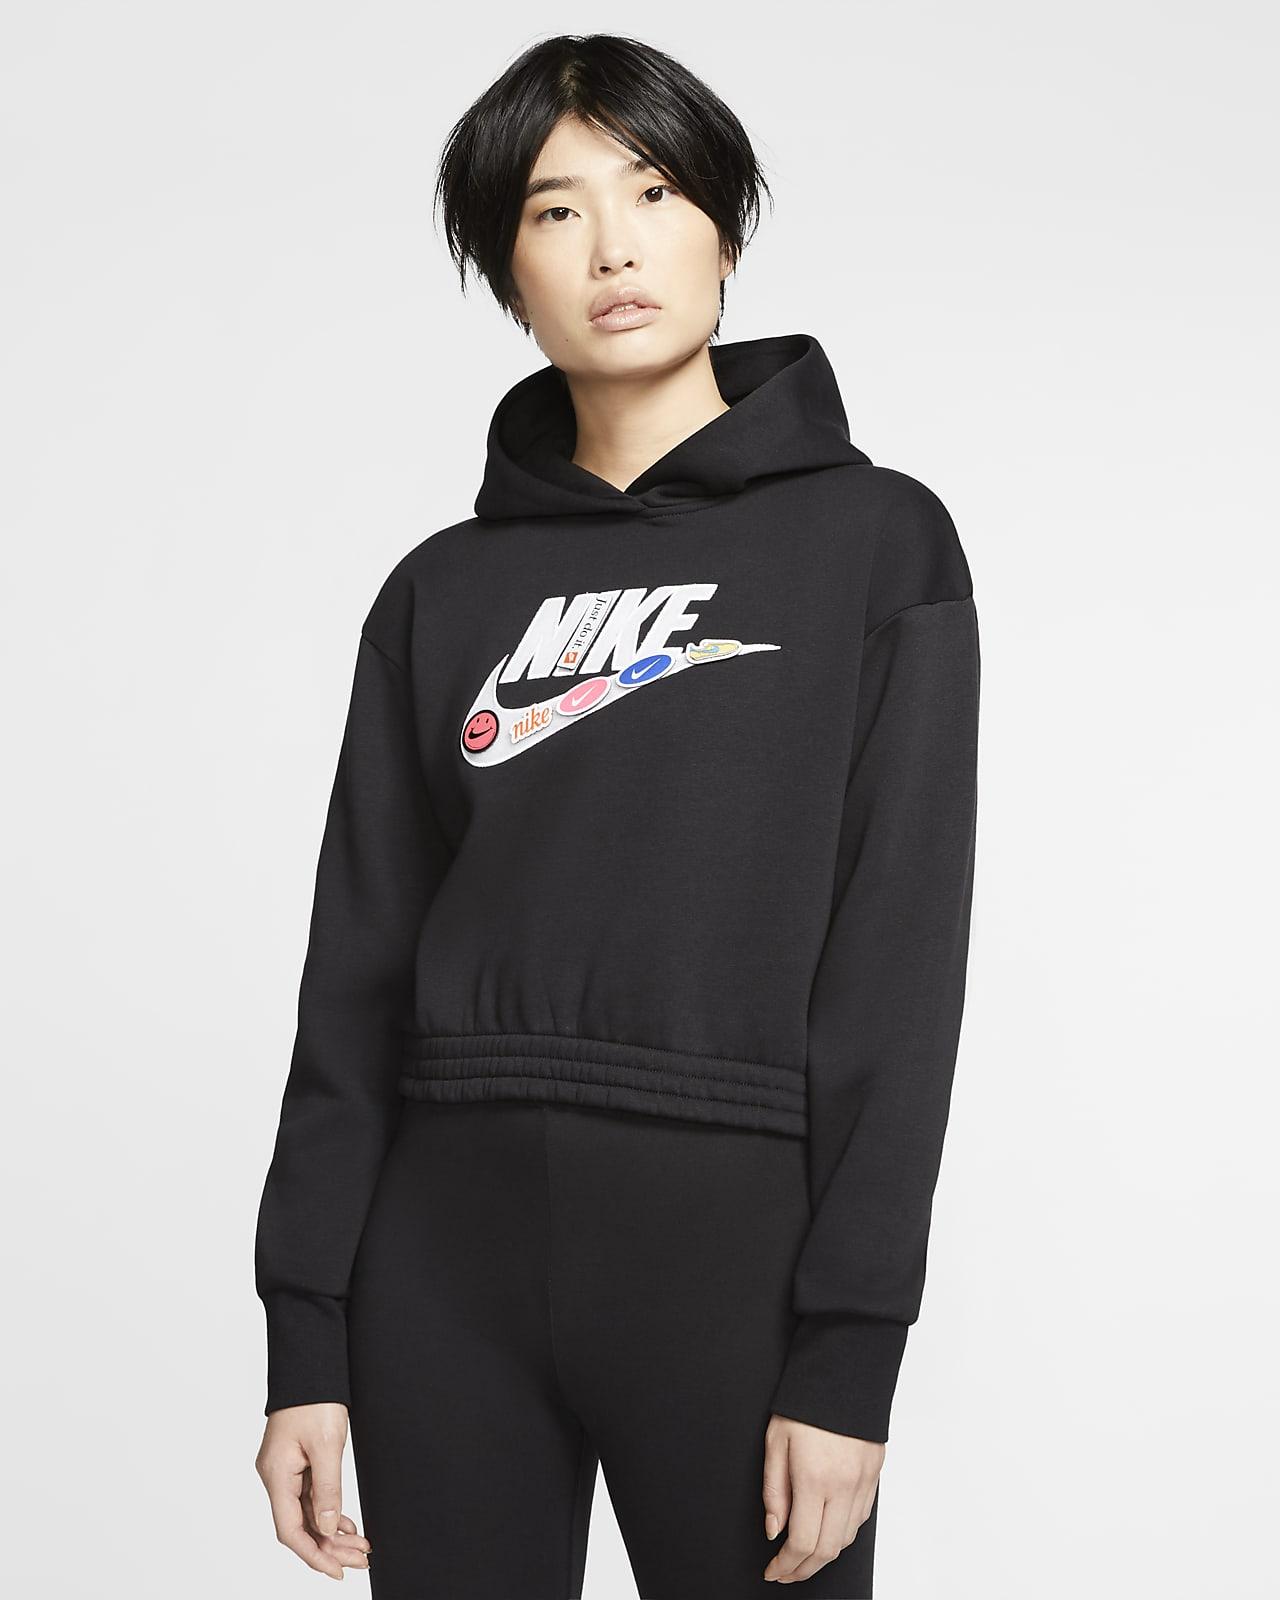 Nike Sportswear 女款 Fleece 連帽上衣